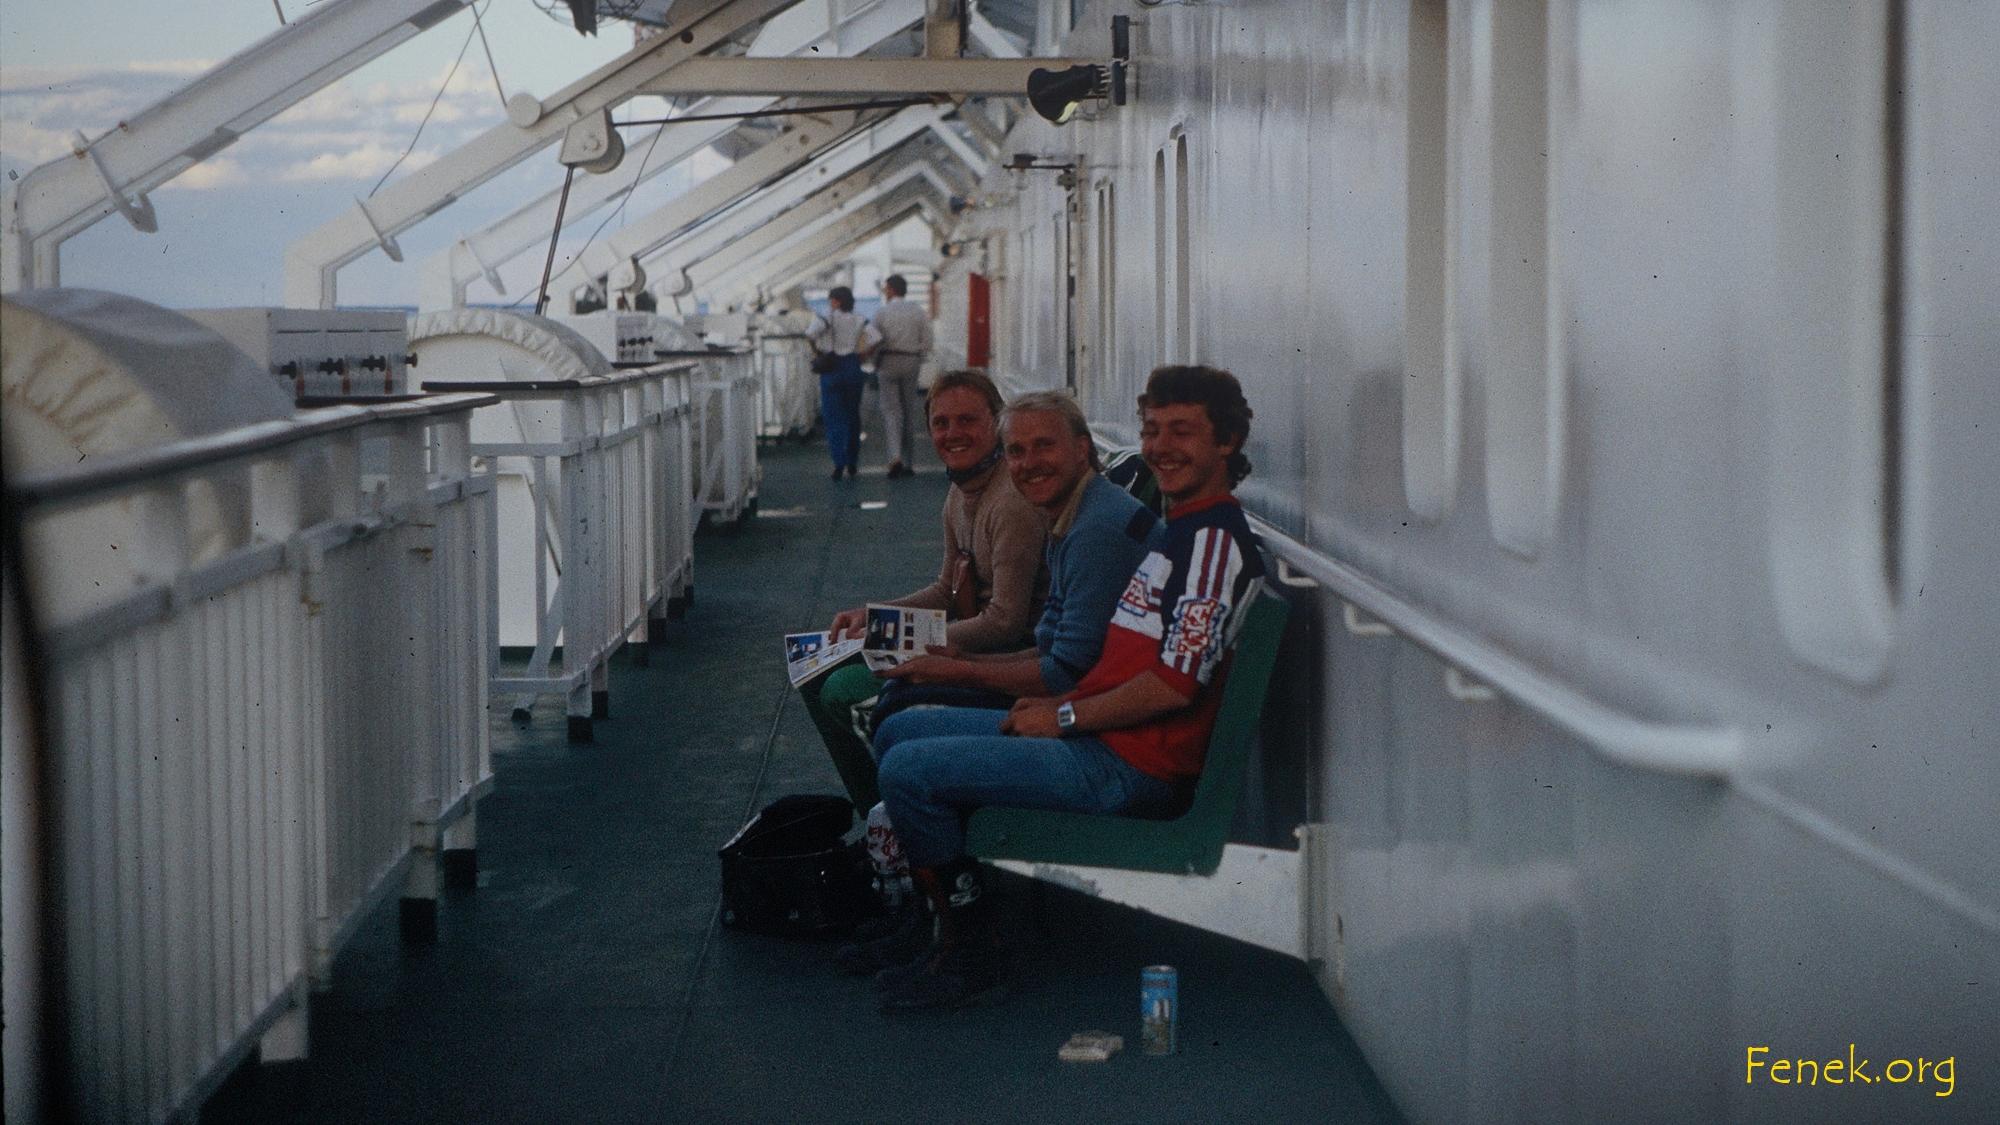 zwei nette Begleiter auf dem Schiff....